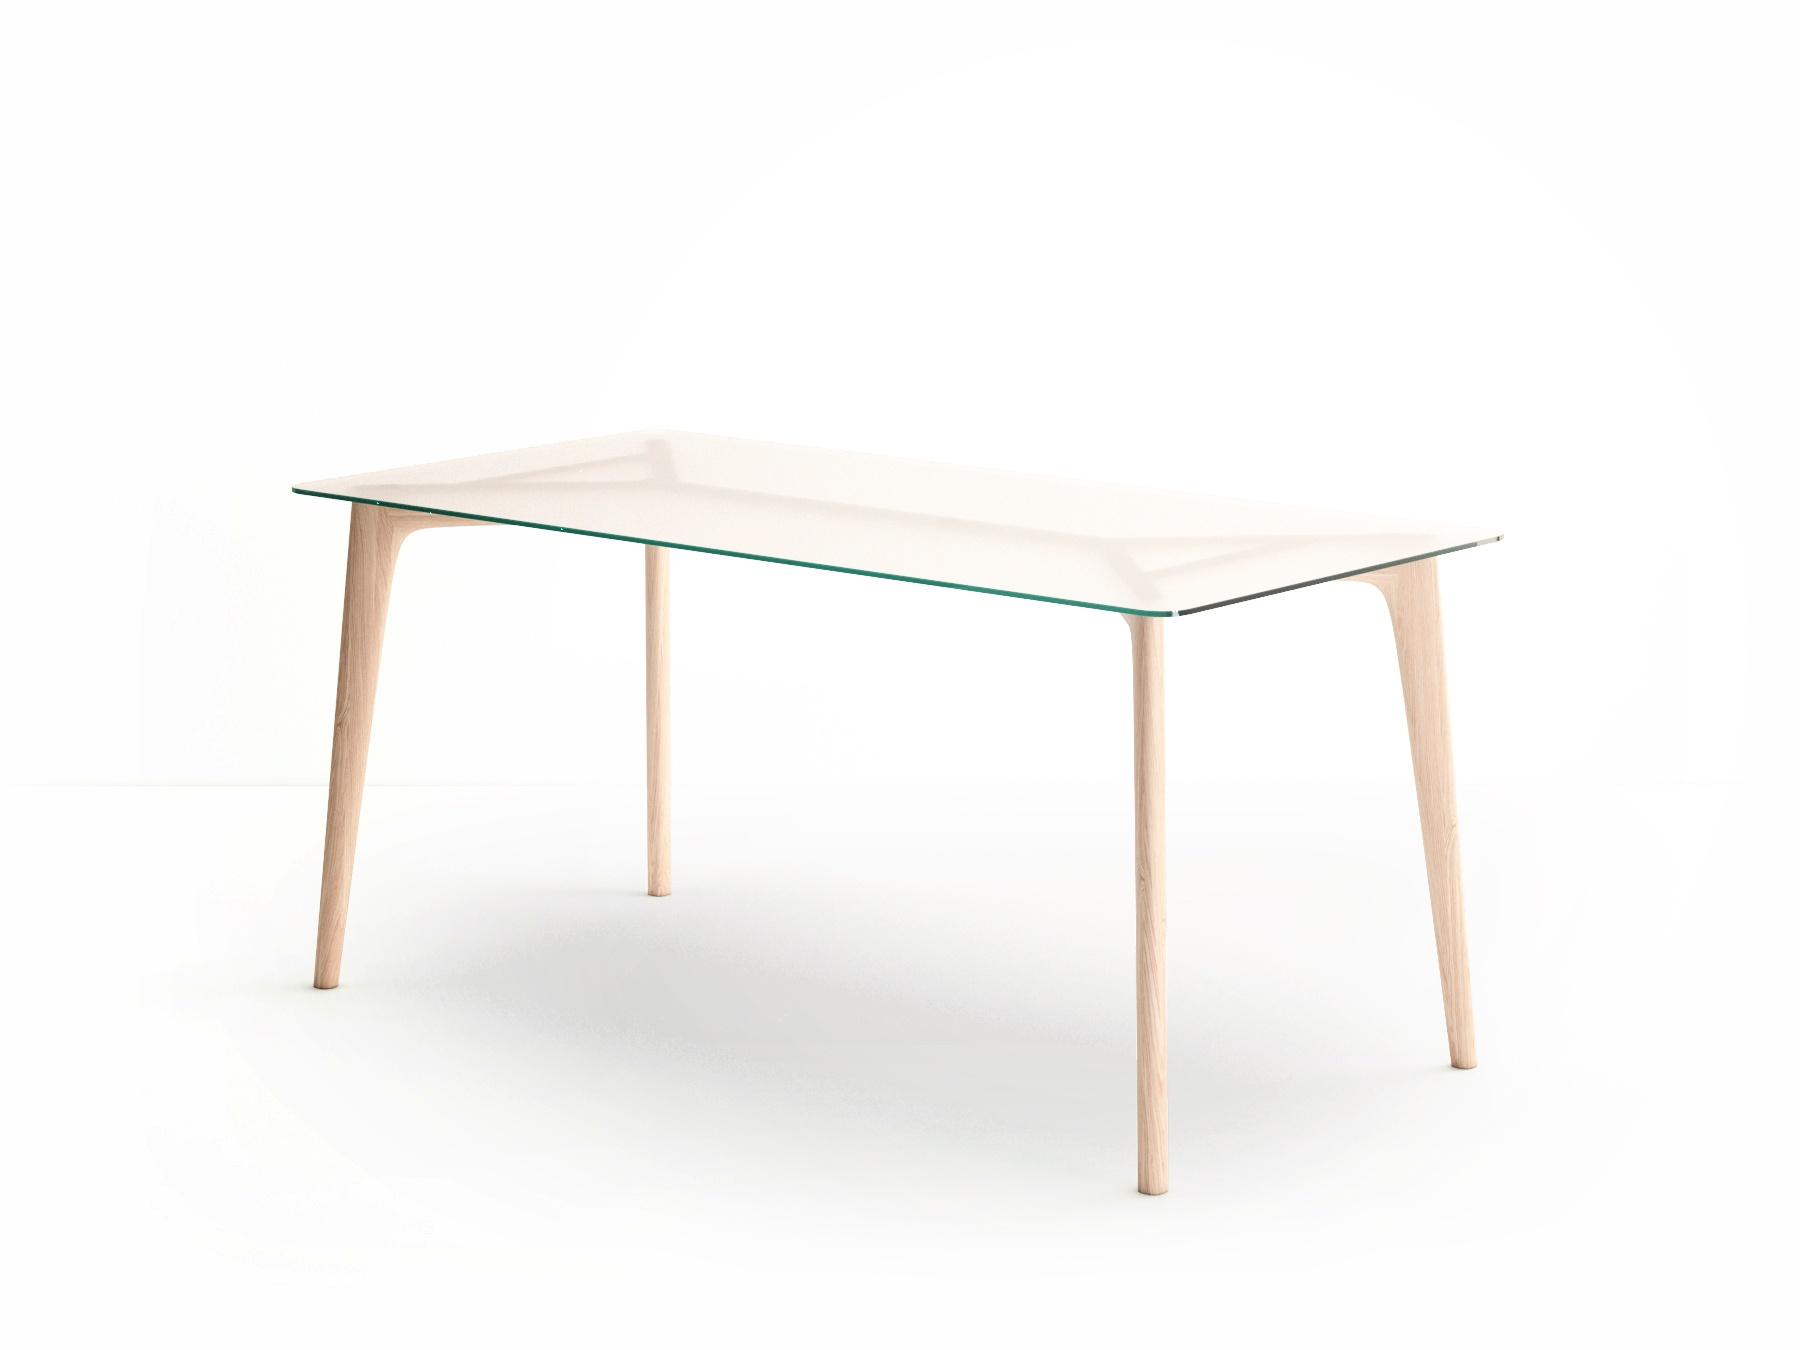 Обеденный стол FLOYDОбеденные столы<br>Обеденный стол FLOYD, объединяет в себе простоту, комфорт и индивидуальность.<br>Ножки выполнены из массива дуба и отвечают за его прочность.<br>столешница- матовое стекло, создающее ощущение легкости и невесомости.<br>Размеры стола позволяют комфортно разместится большому количеству людей.<br>Стол FLOYD доступен в пяти видах отделки: светлый дуб, темный дуб, дуб венге, беленый дуб, дуб орех.<br><br>Material: Стекло<br>Length см: None<br>Width см: 160<br>Depth см: 75<br>Height см: 80